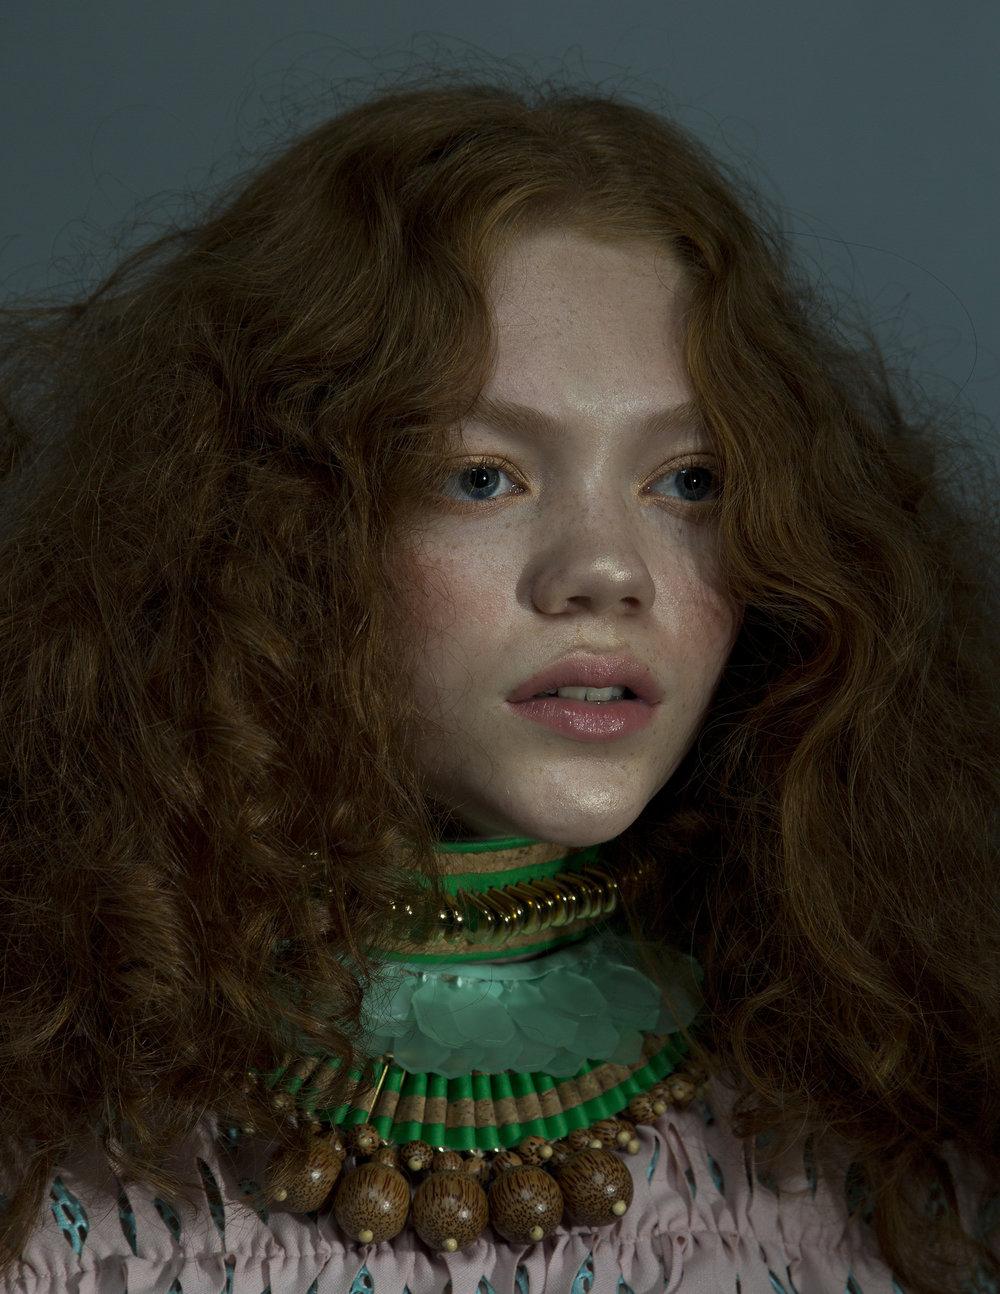 Vogue Italia Nov 2017